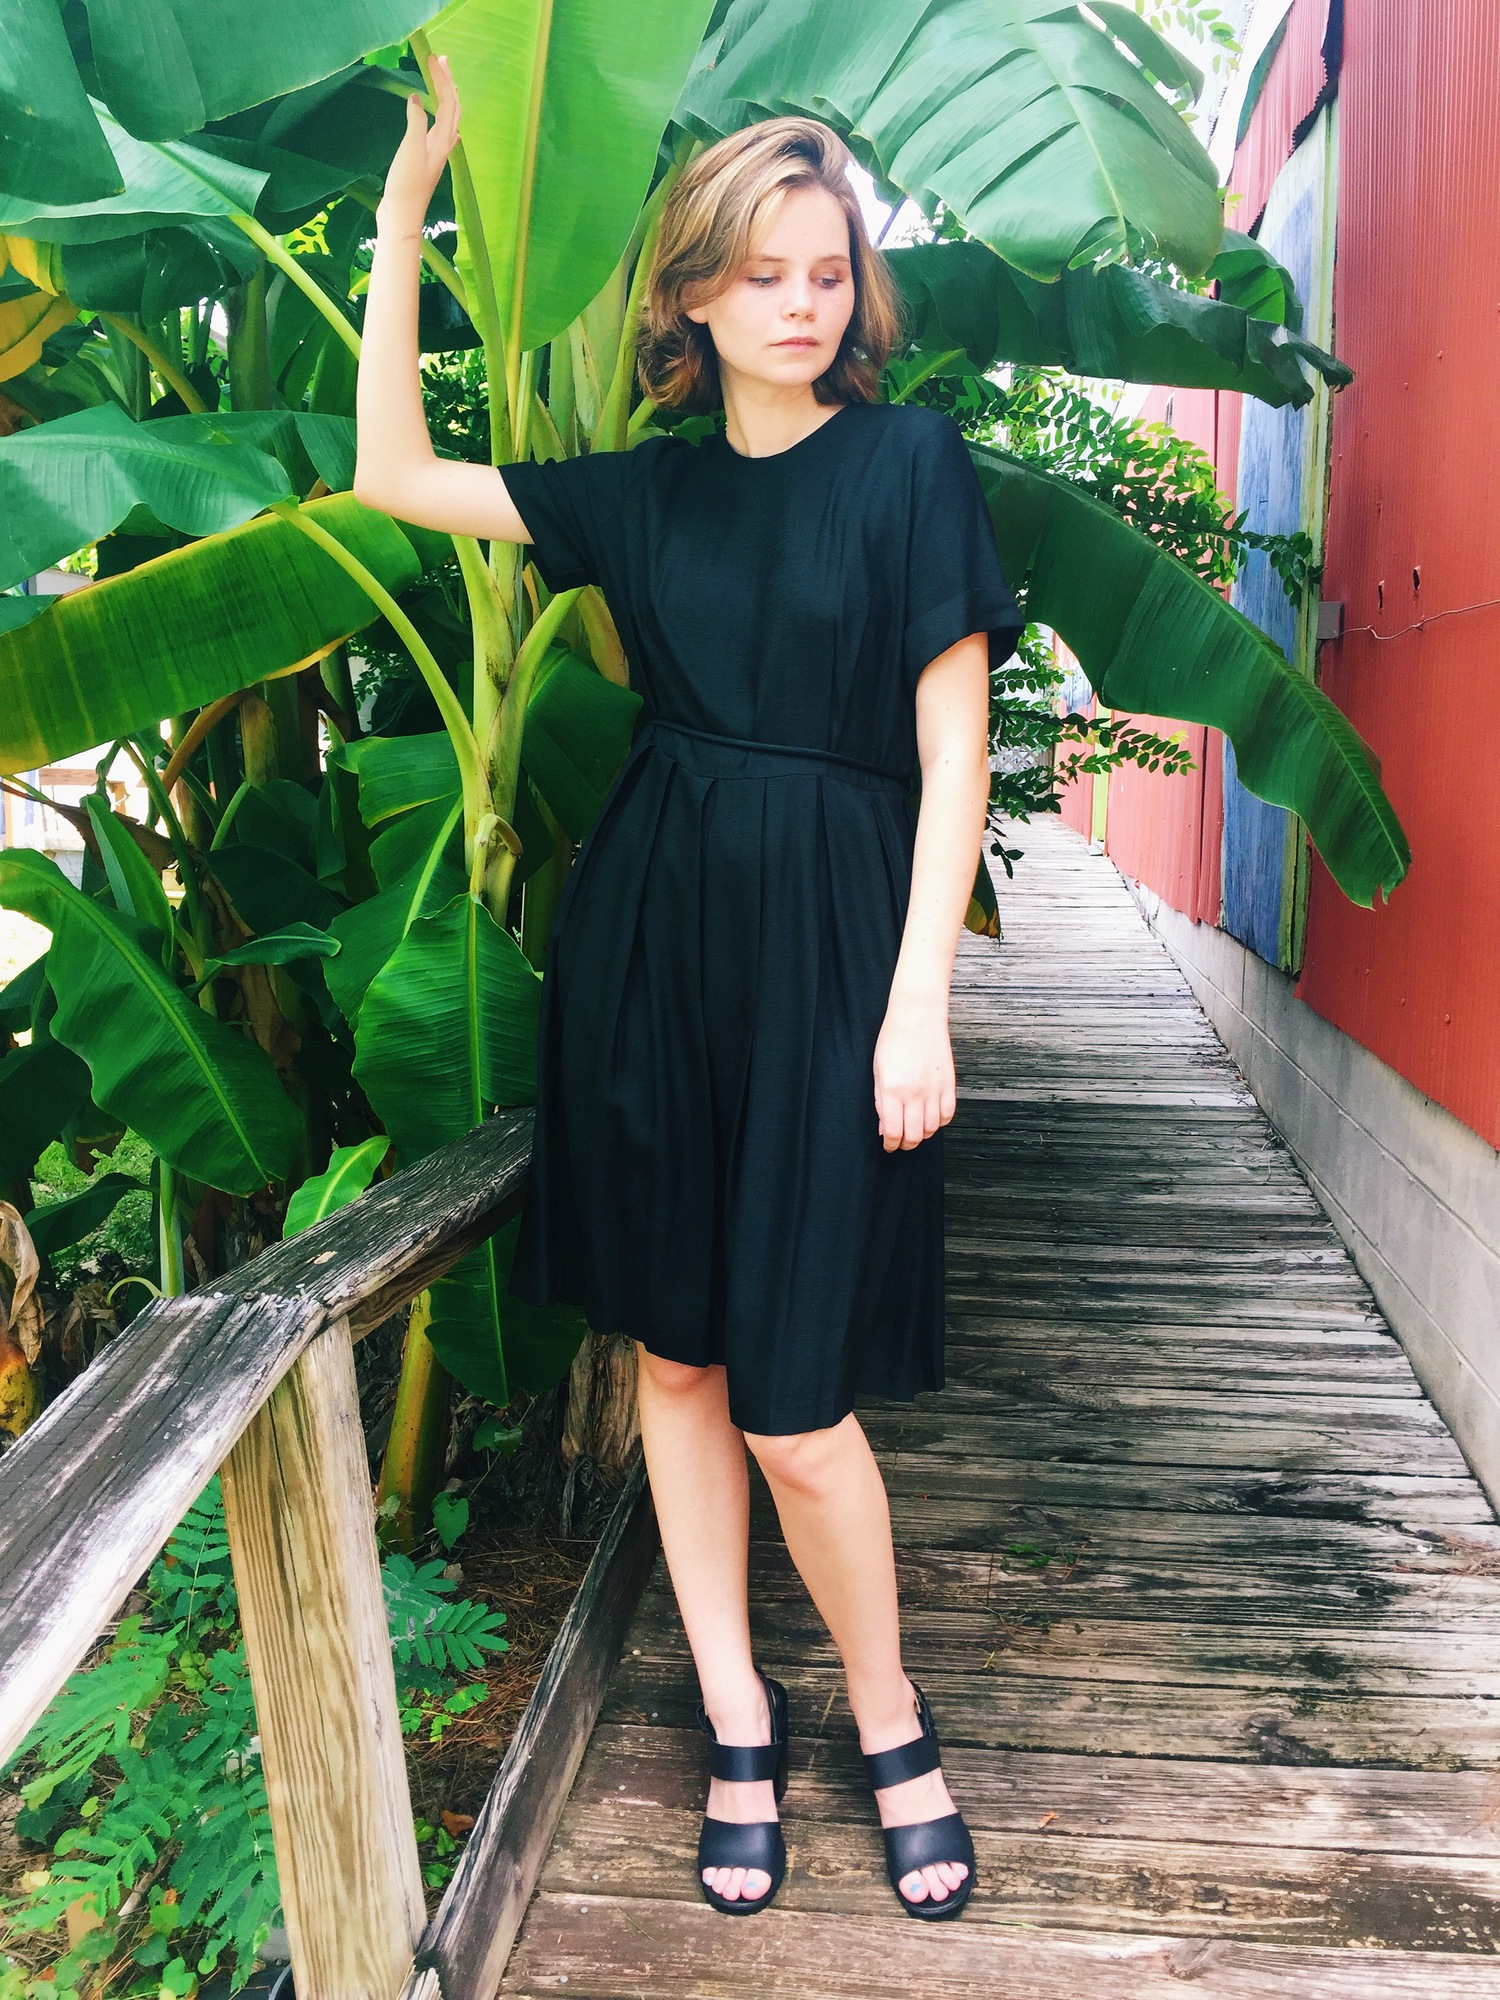 wonaponatime-vintage-lookbook-black-dress-green-plants